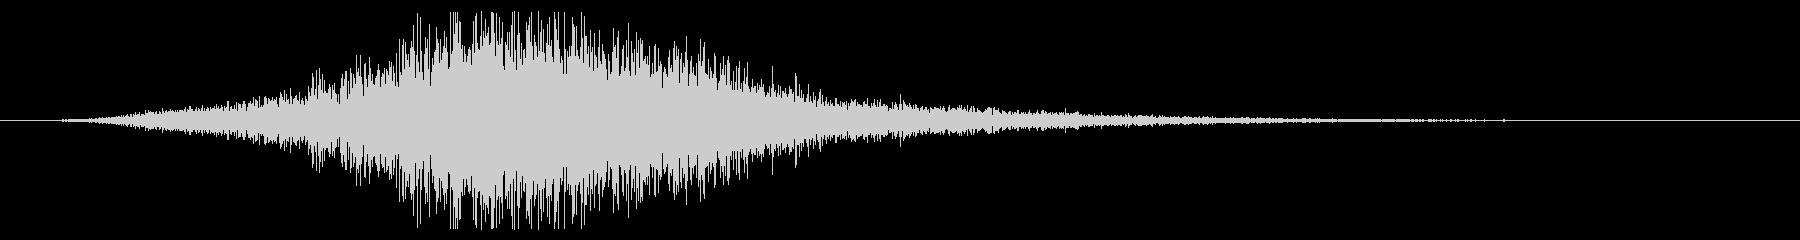 パワーブラストエンハンサーウーシュの未再生の波形